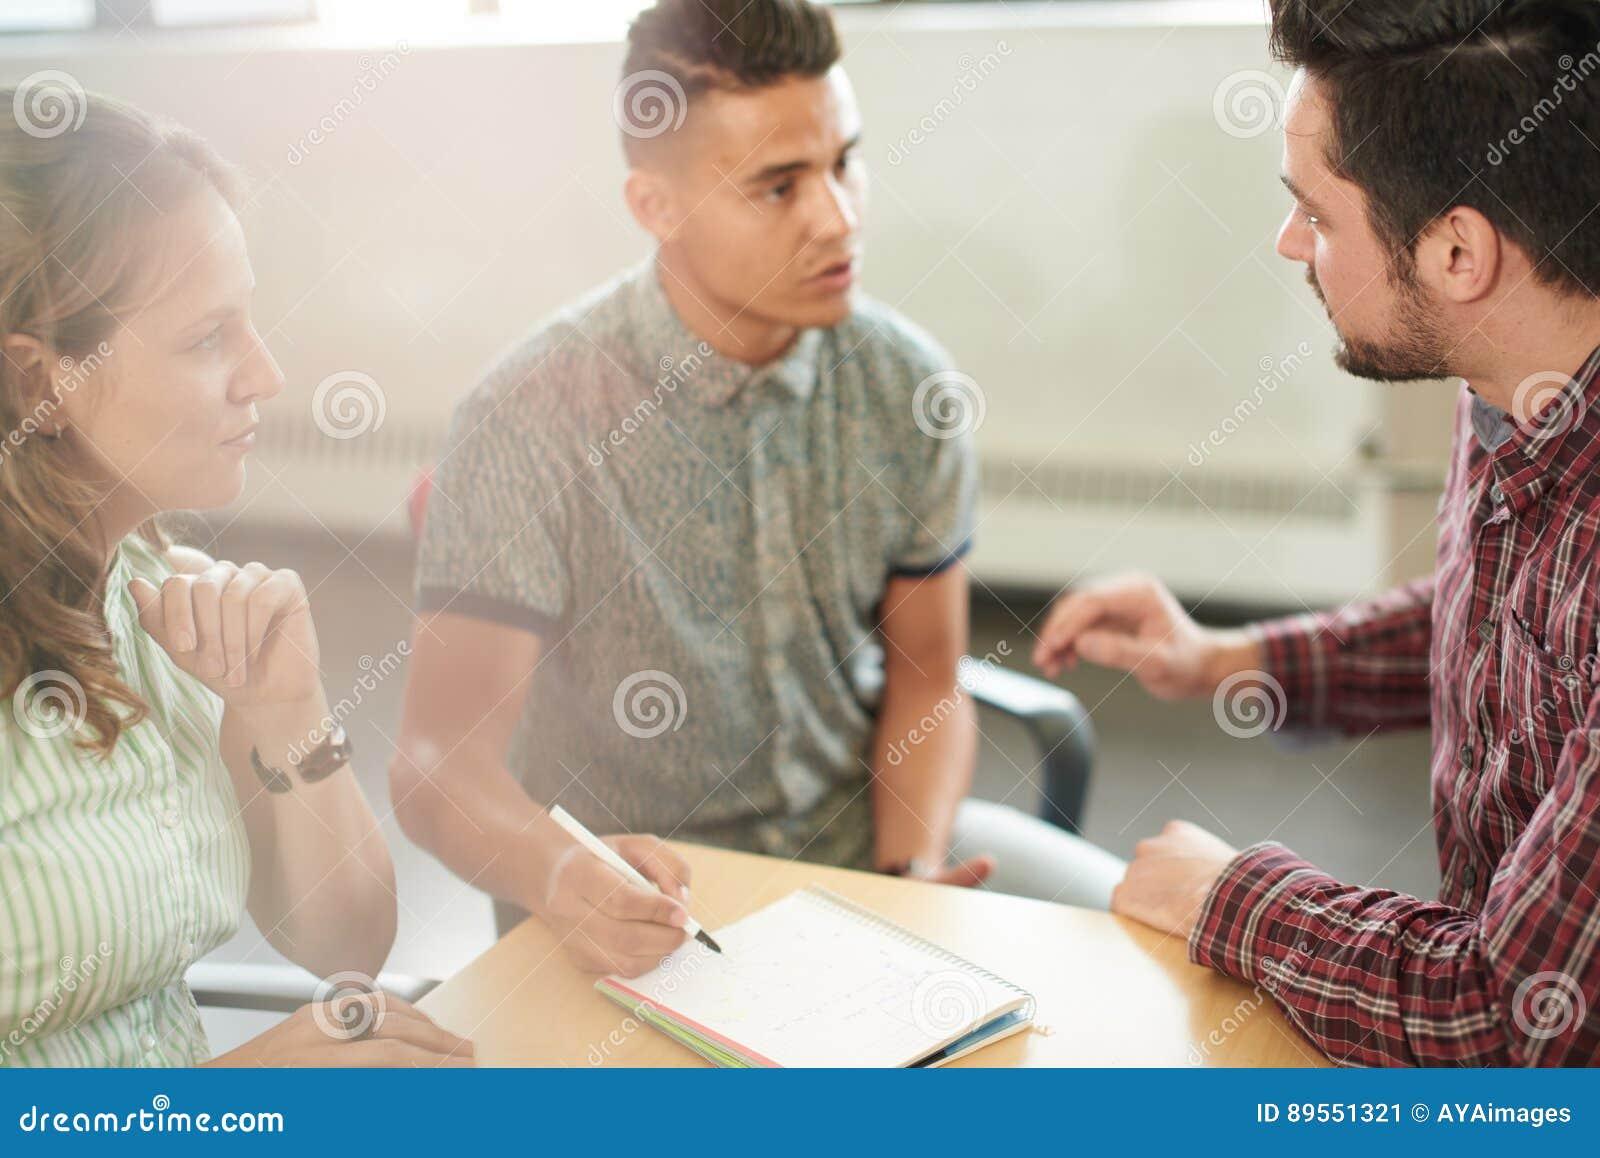 Unposedgroep creatieve bedrijfsondernemers in een open brainstorming van het conceptenbureau samen op een digitale tablet